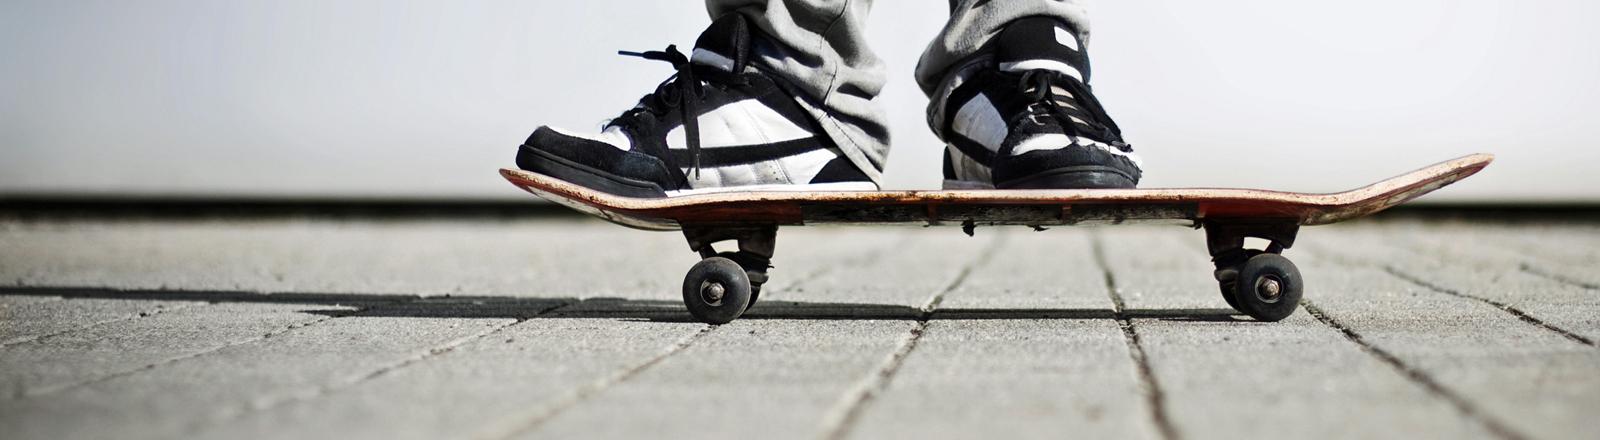 Ein Mann steht auf einem Skateboard.